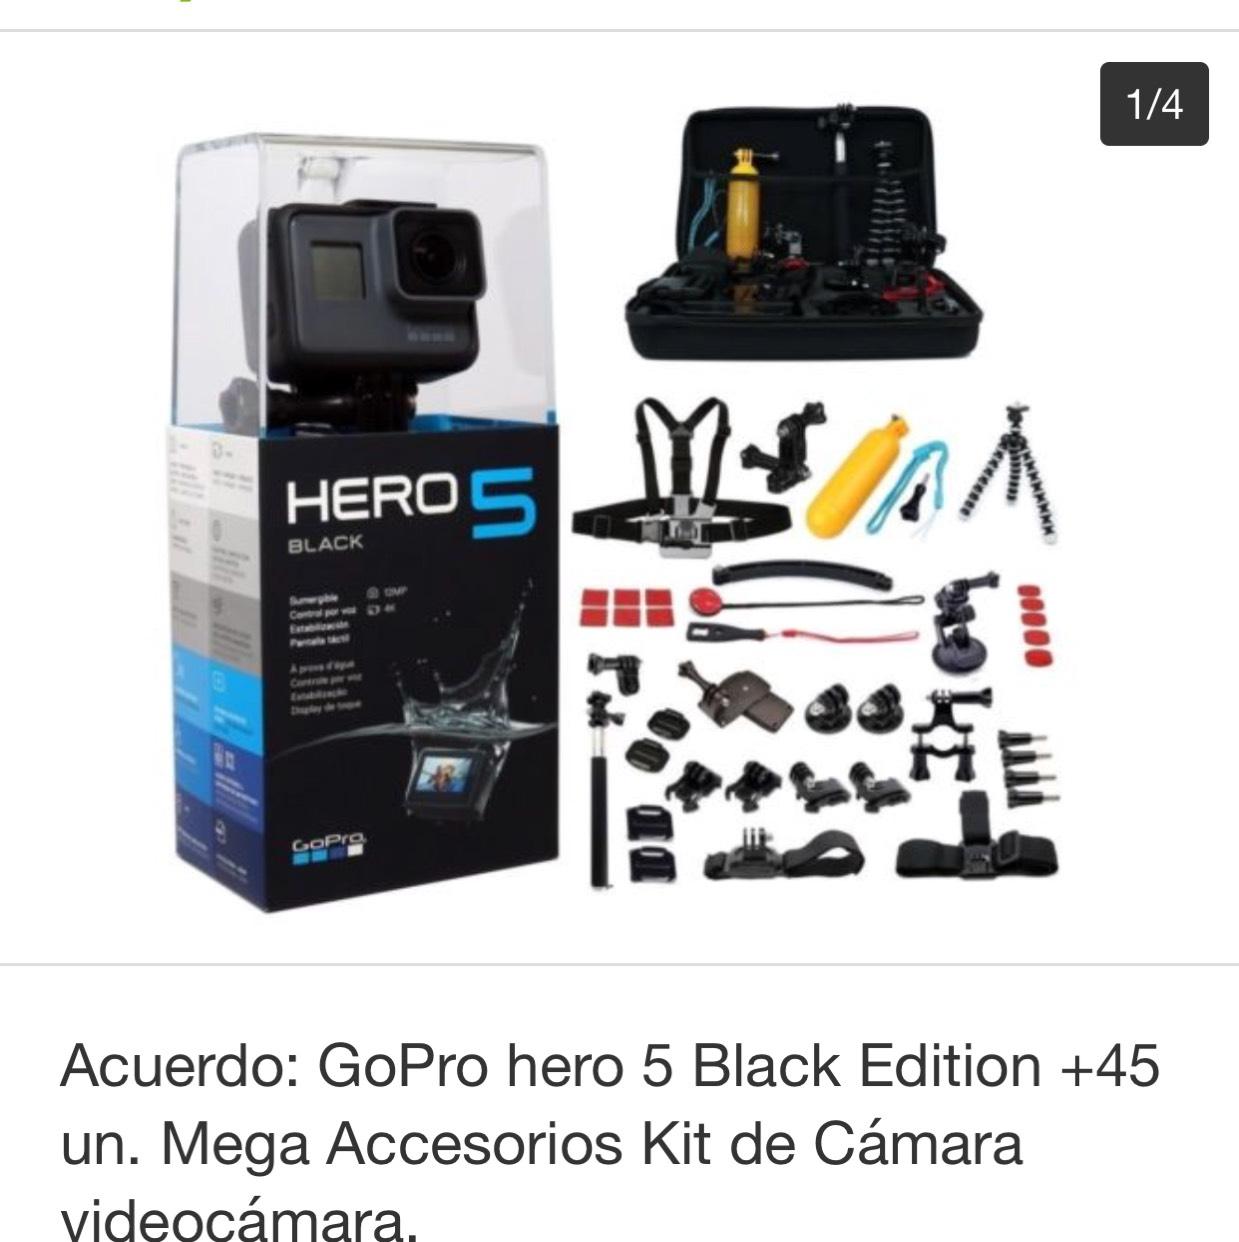 eBay: GoPro hero 5 Black Edition + Accesorios